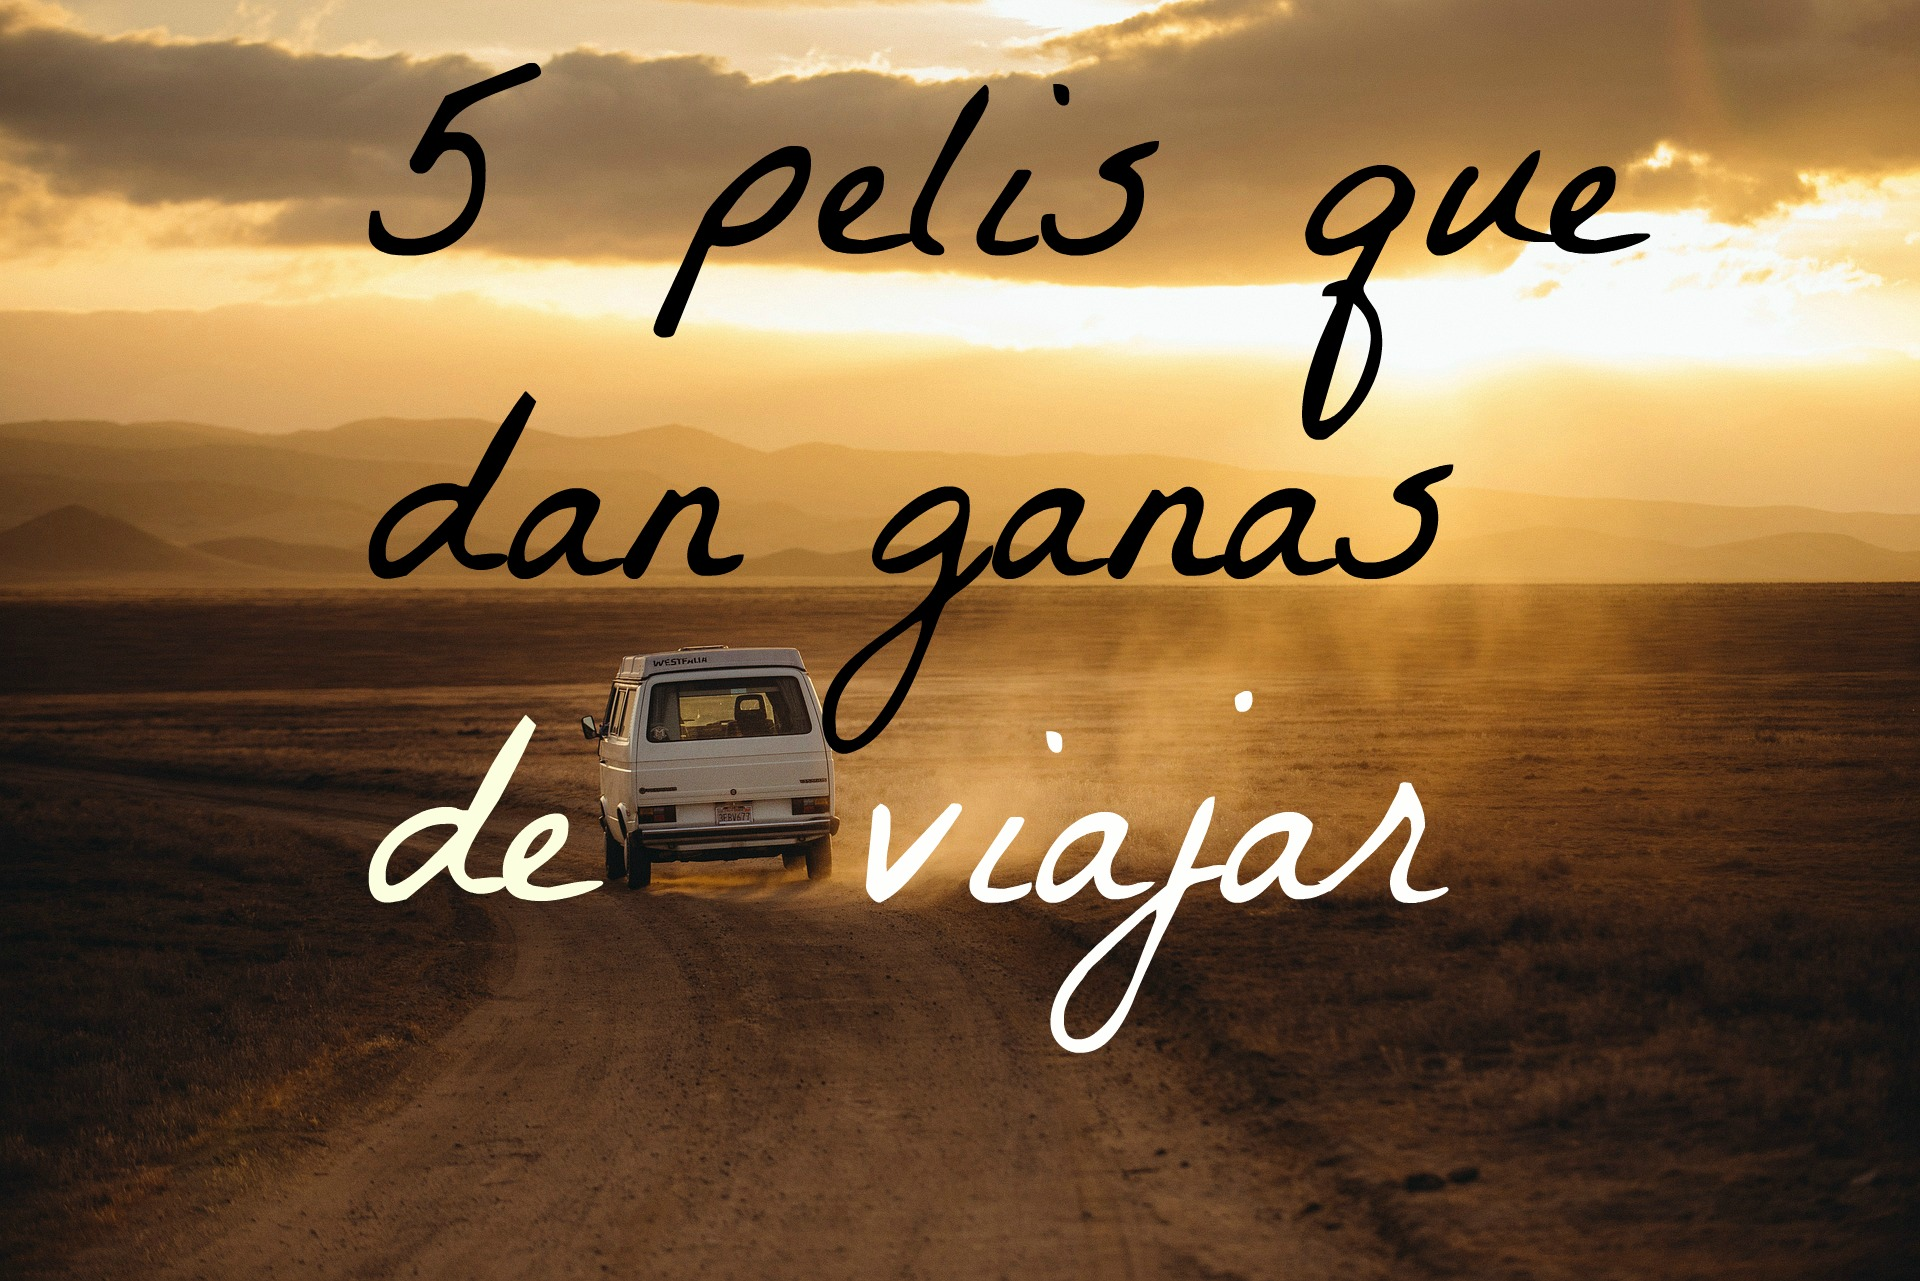 5 pelis que dan ganas de viajar